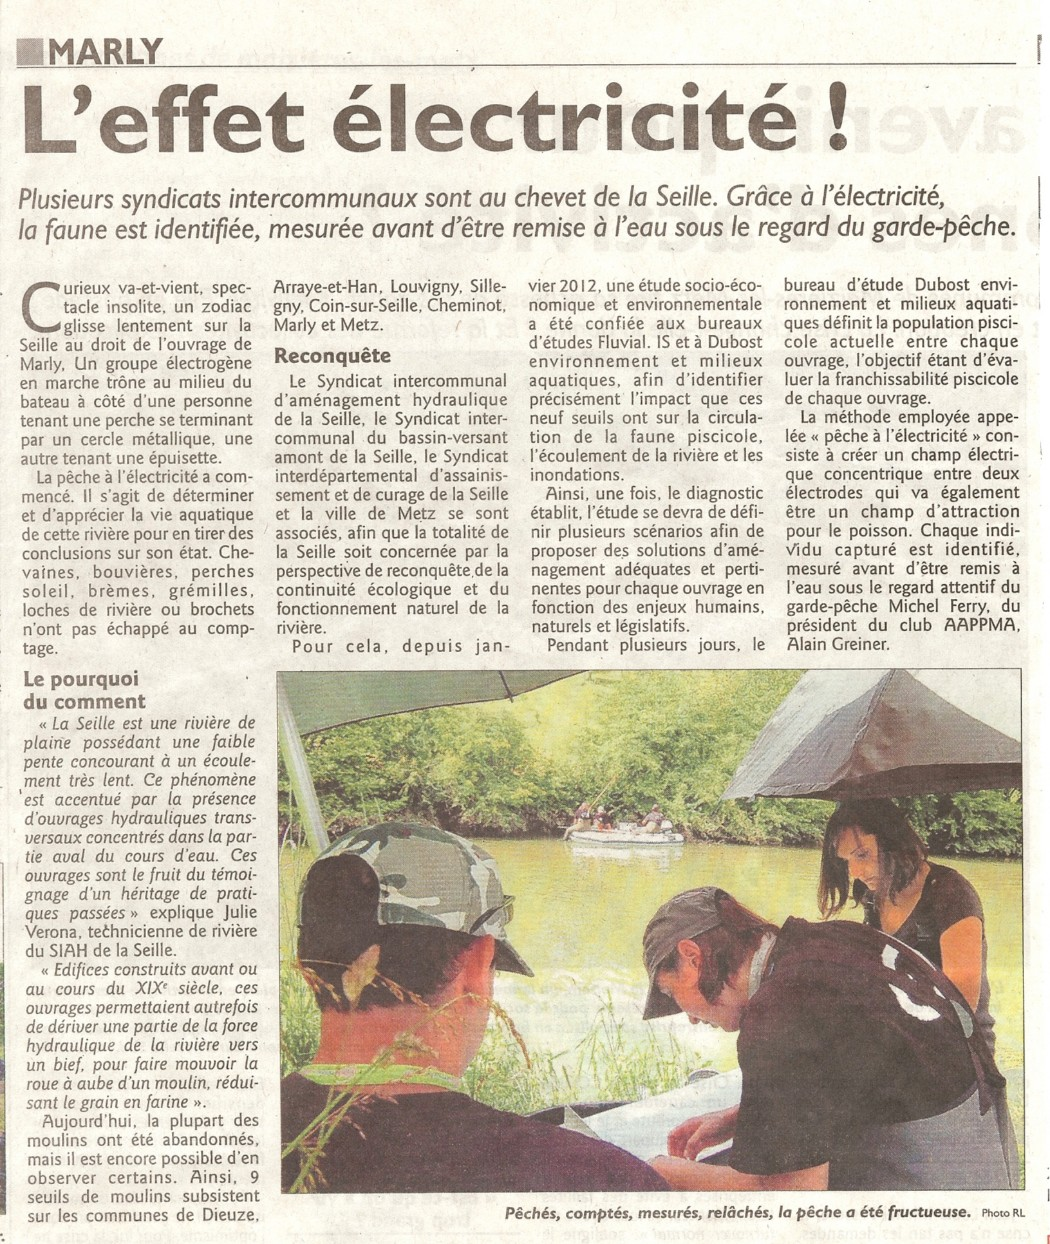 Artciles de journaux parlant du bureau d 39 tudes dubost environnement - Bureau d etude environnement paris ...